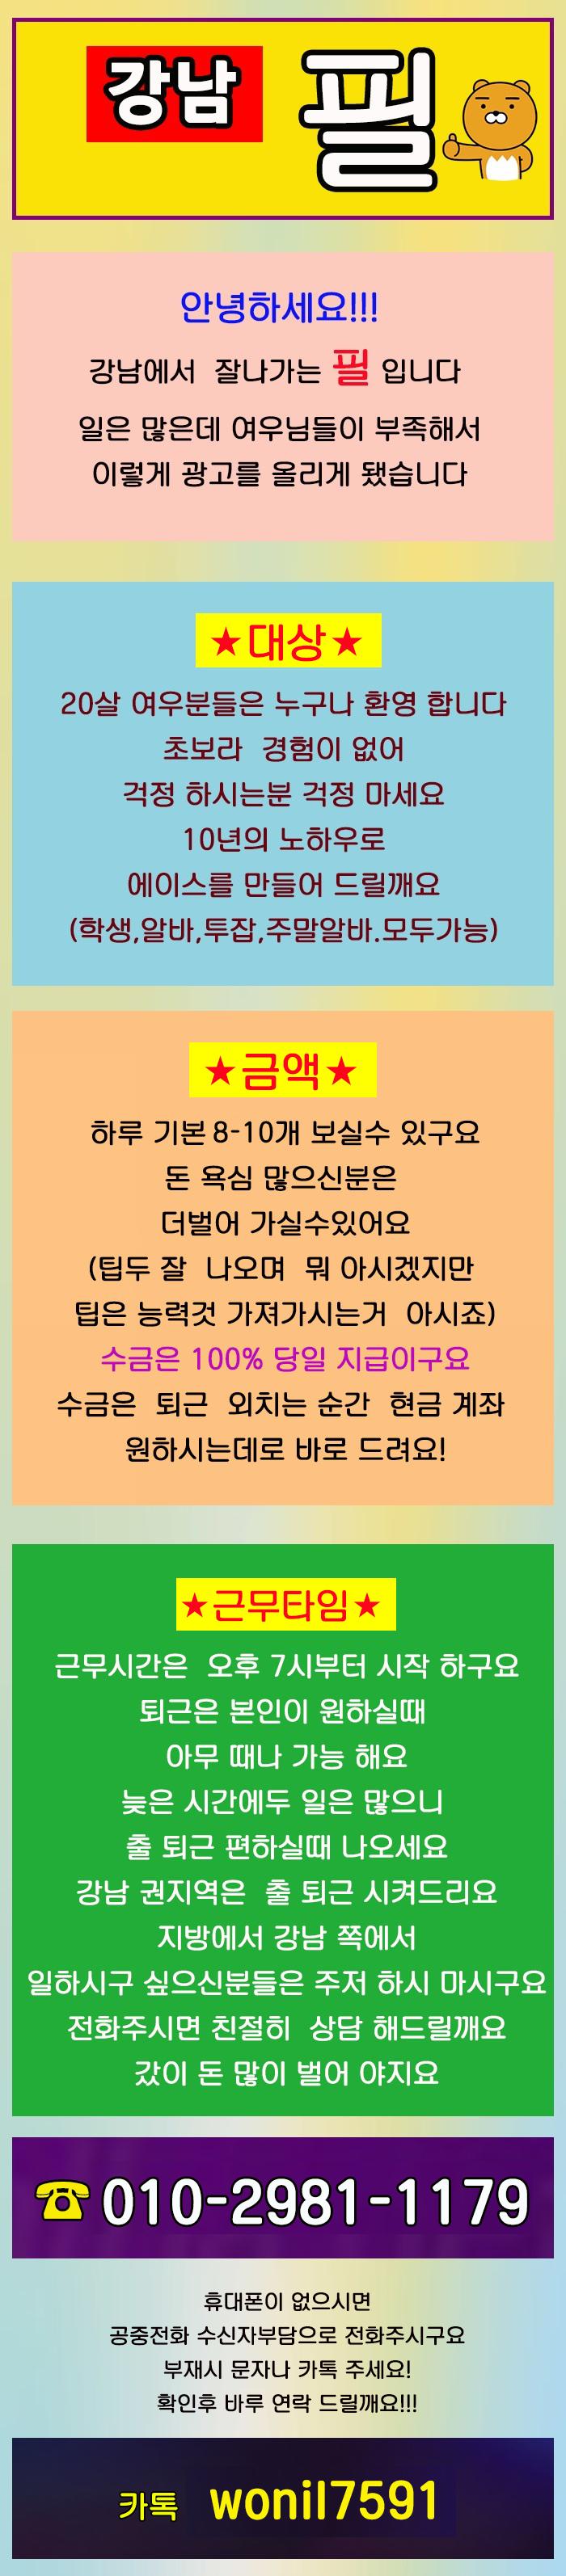 강남밤알바 - 강남유흥알바 - 강남룸알바 - 알바걸스